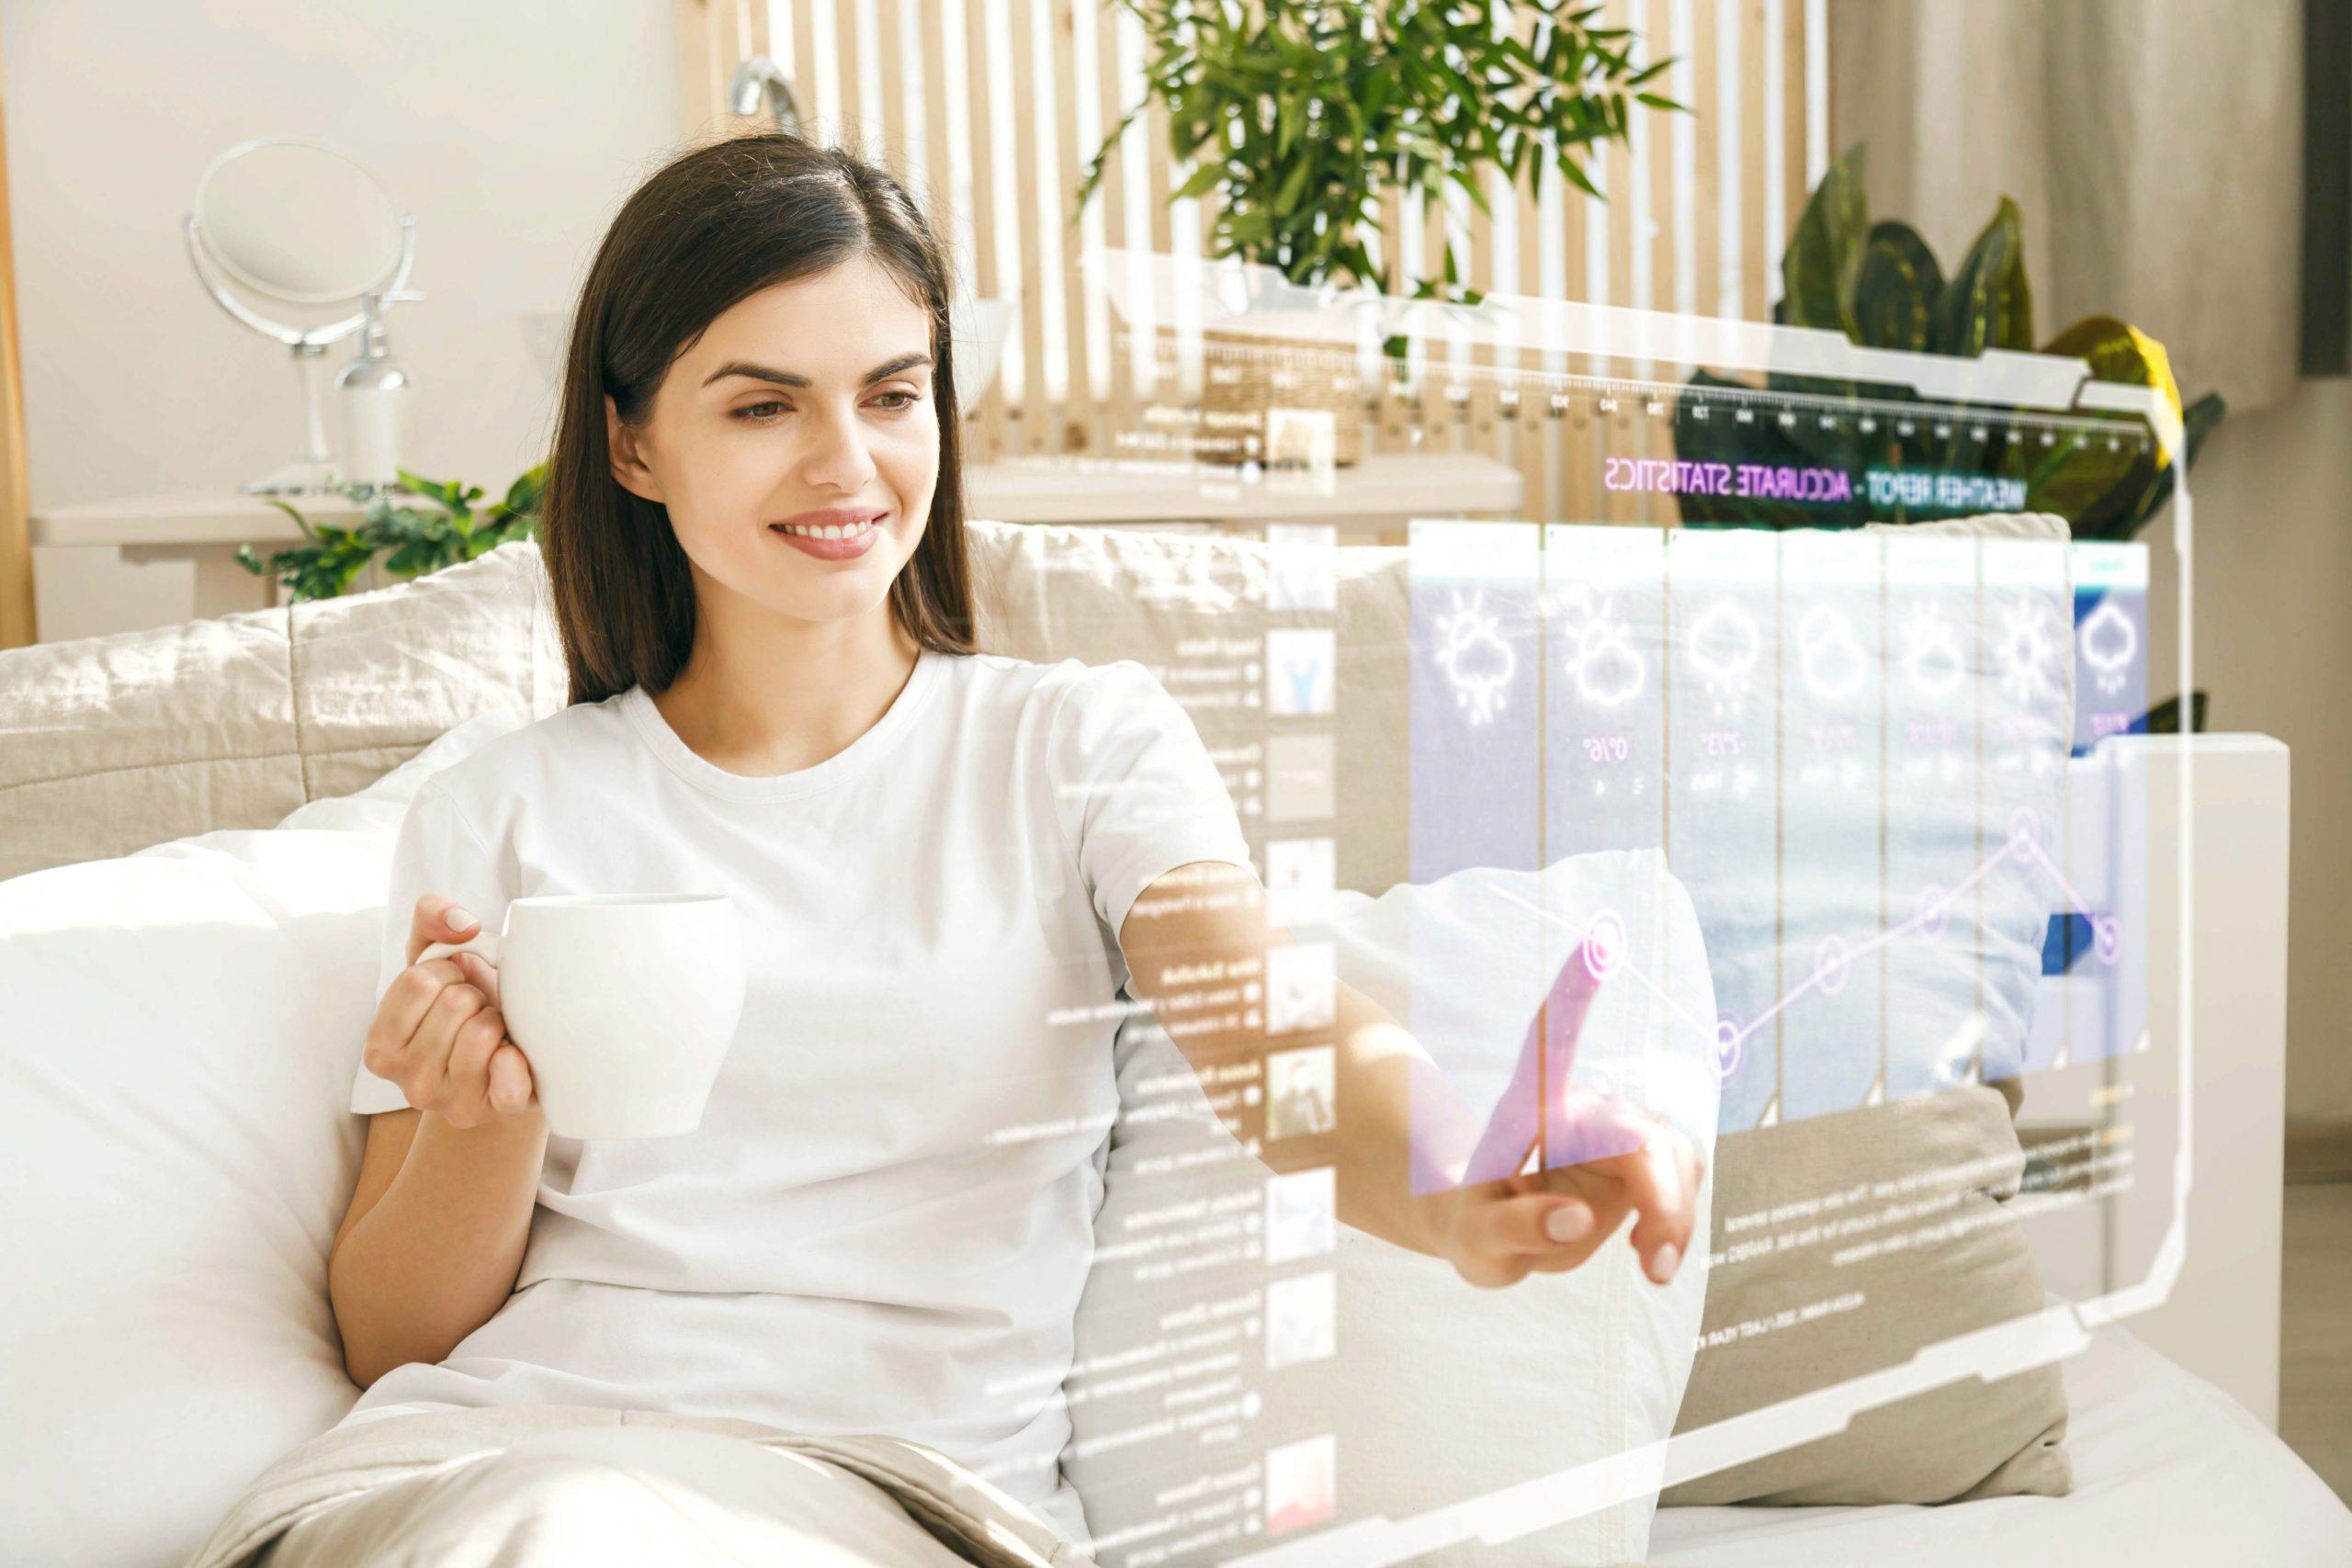 Femme utilisant un écran interactif digital